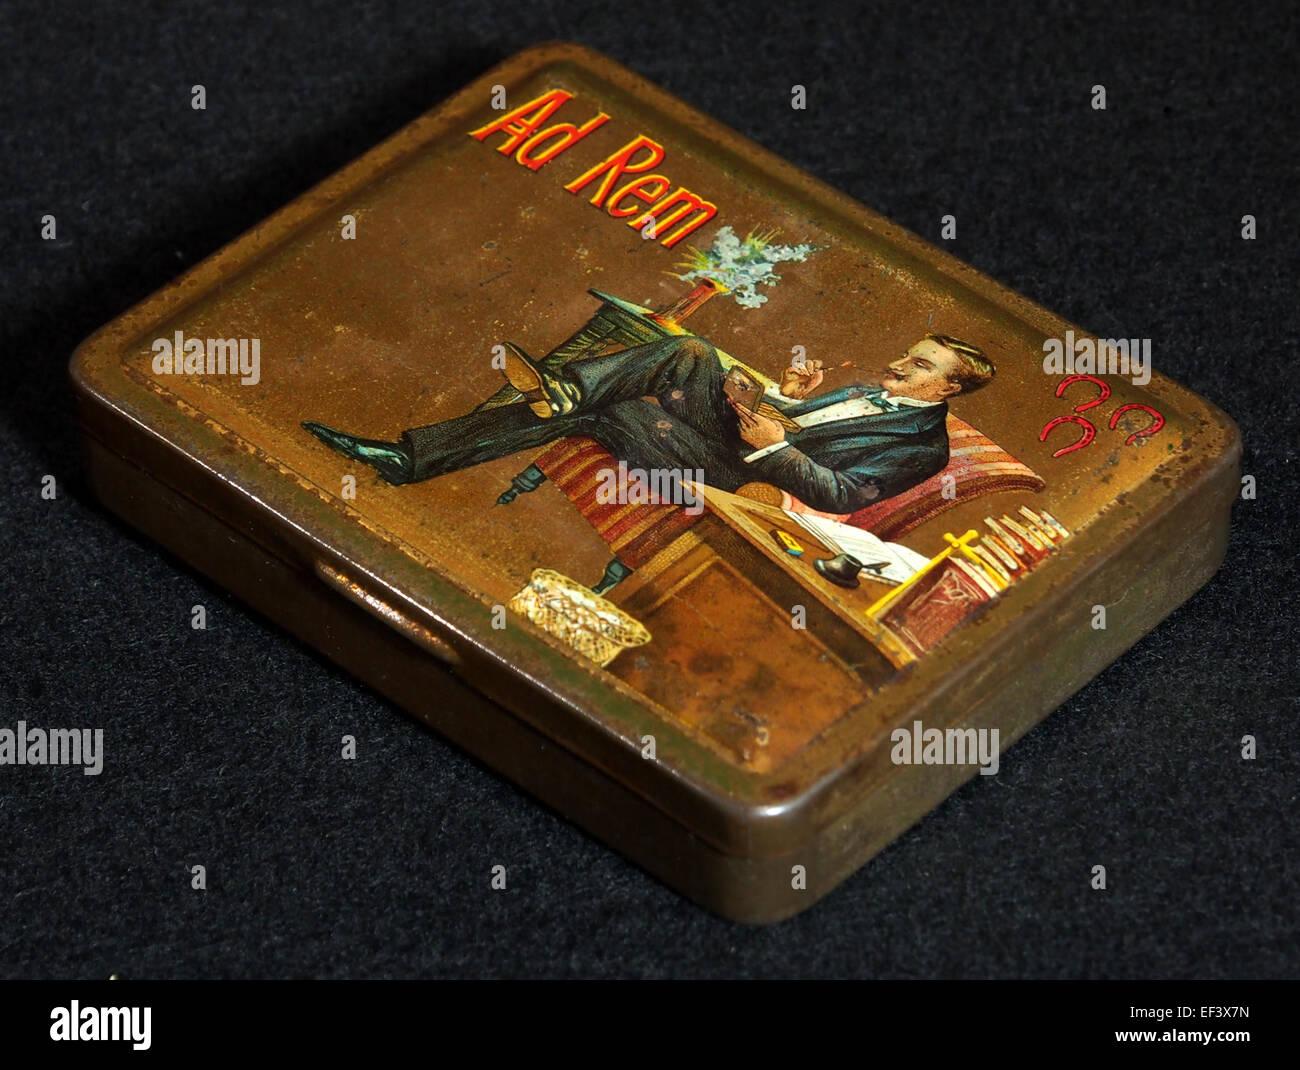 Ad Rem sigarenblikje, foto 3 - Stock Image